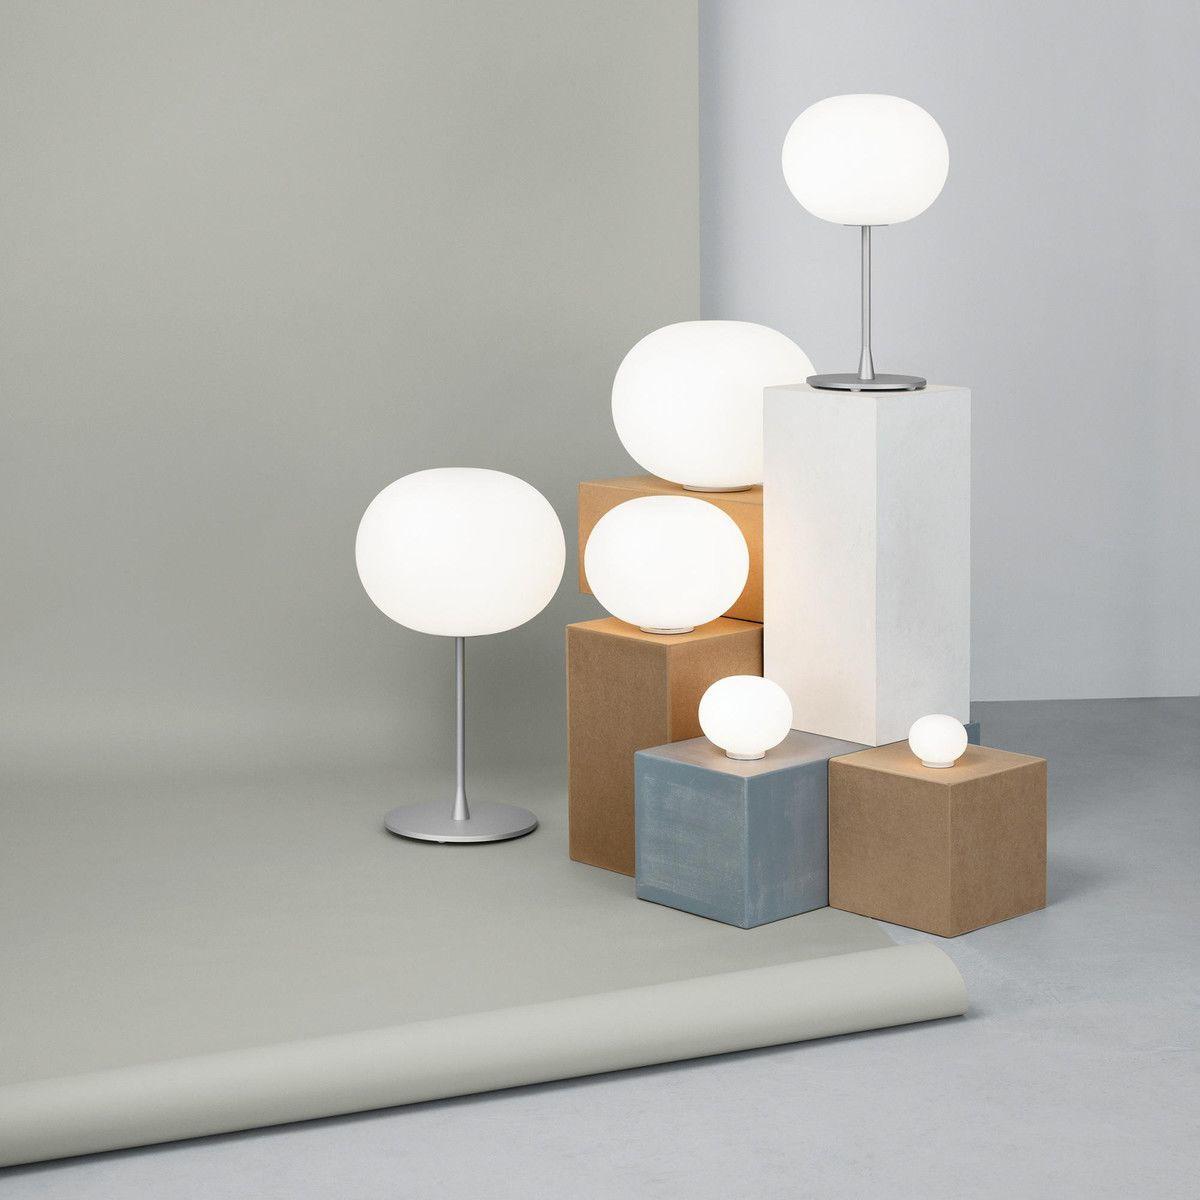 Home Design Lighting Desk Lamp